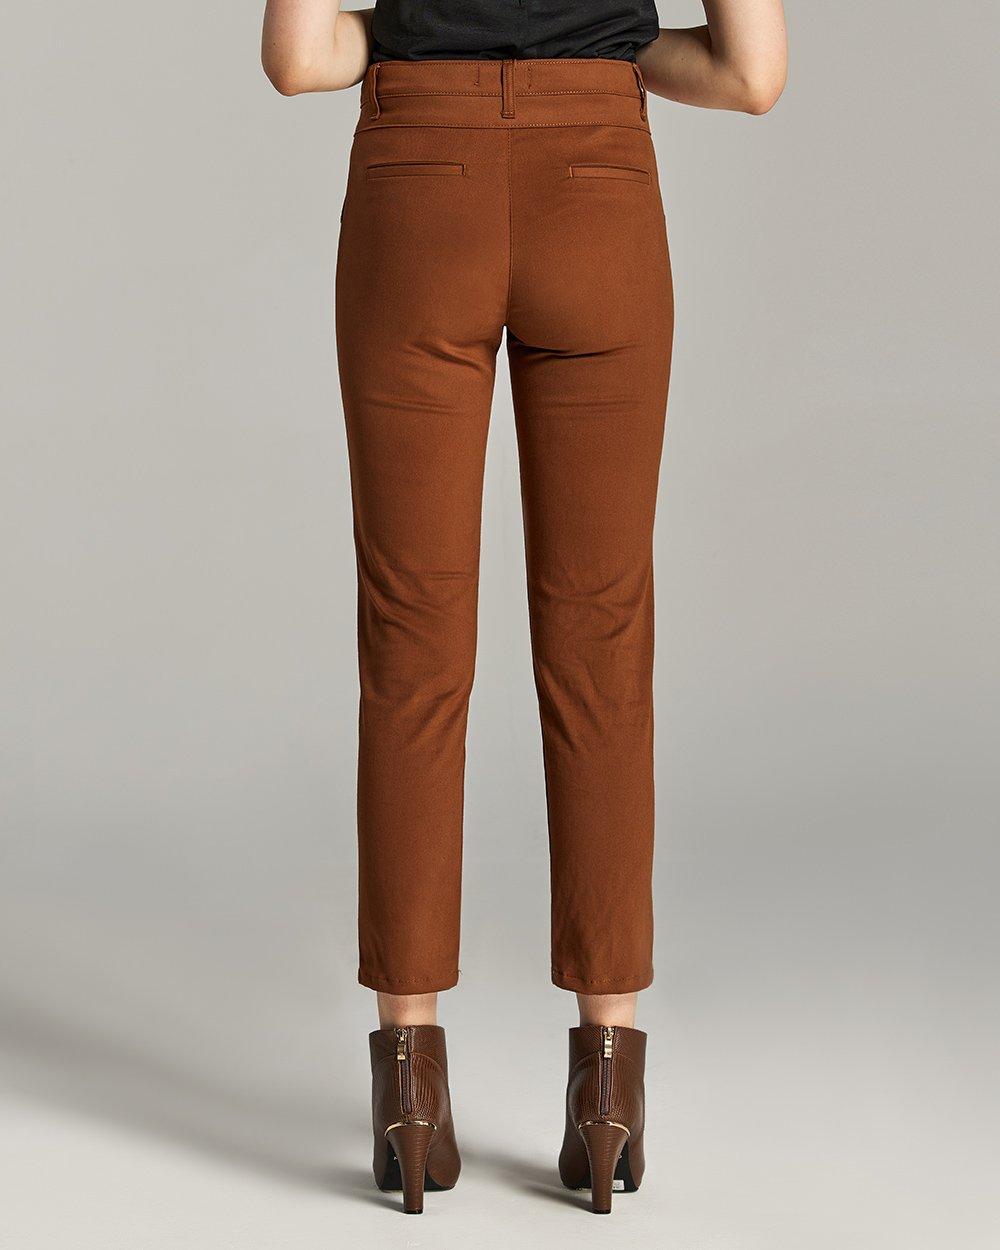 Παντελόνι με διπλό κούμπωμα στη μέση